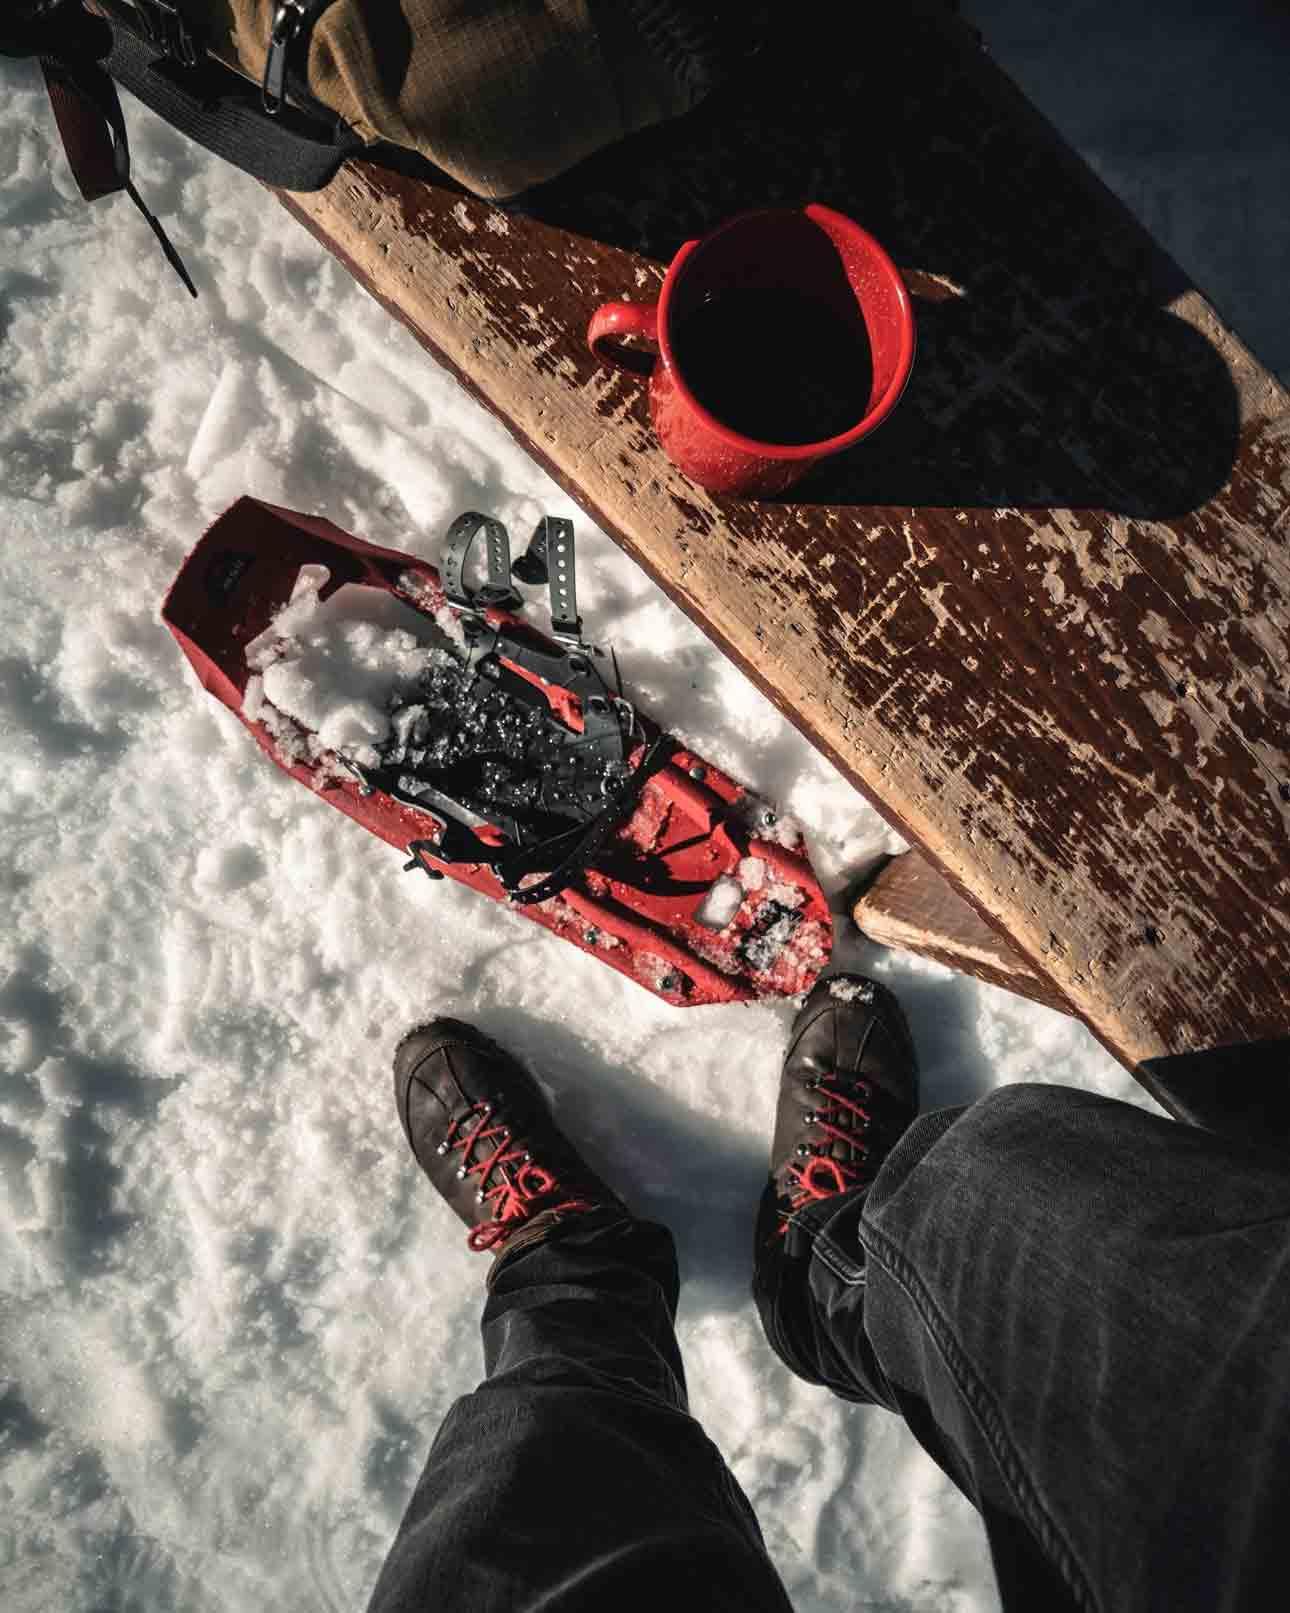 Regular Work Boots vs Winter Work Boots